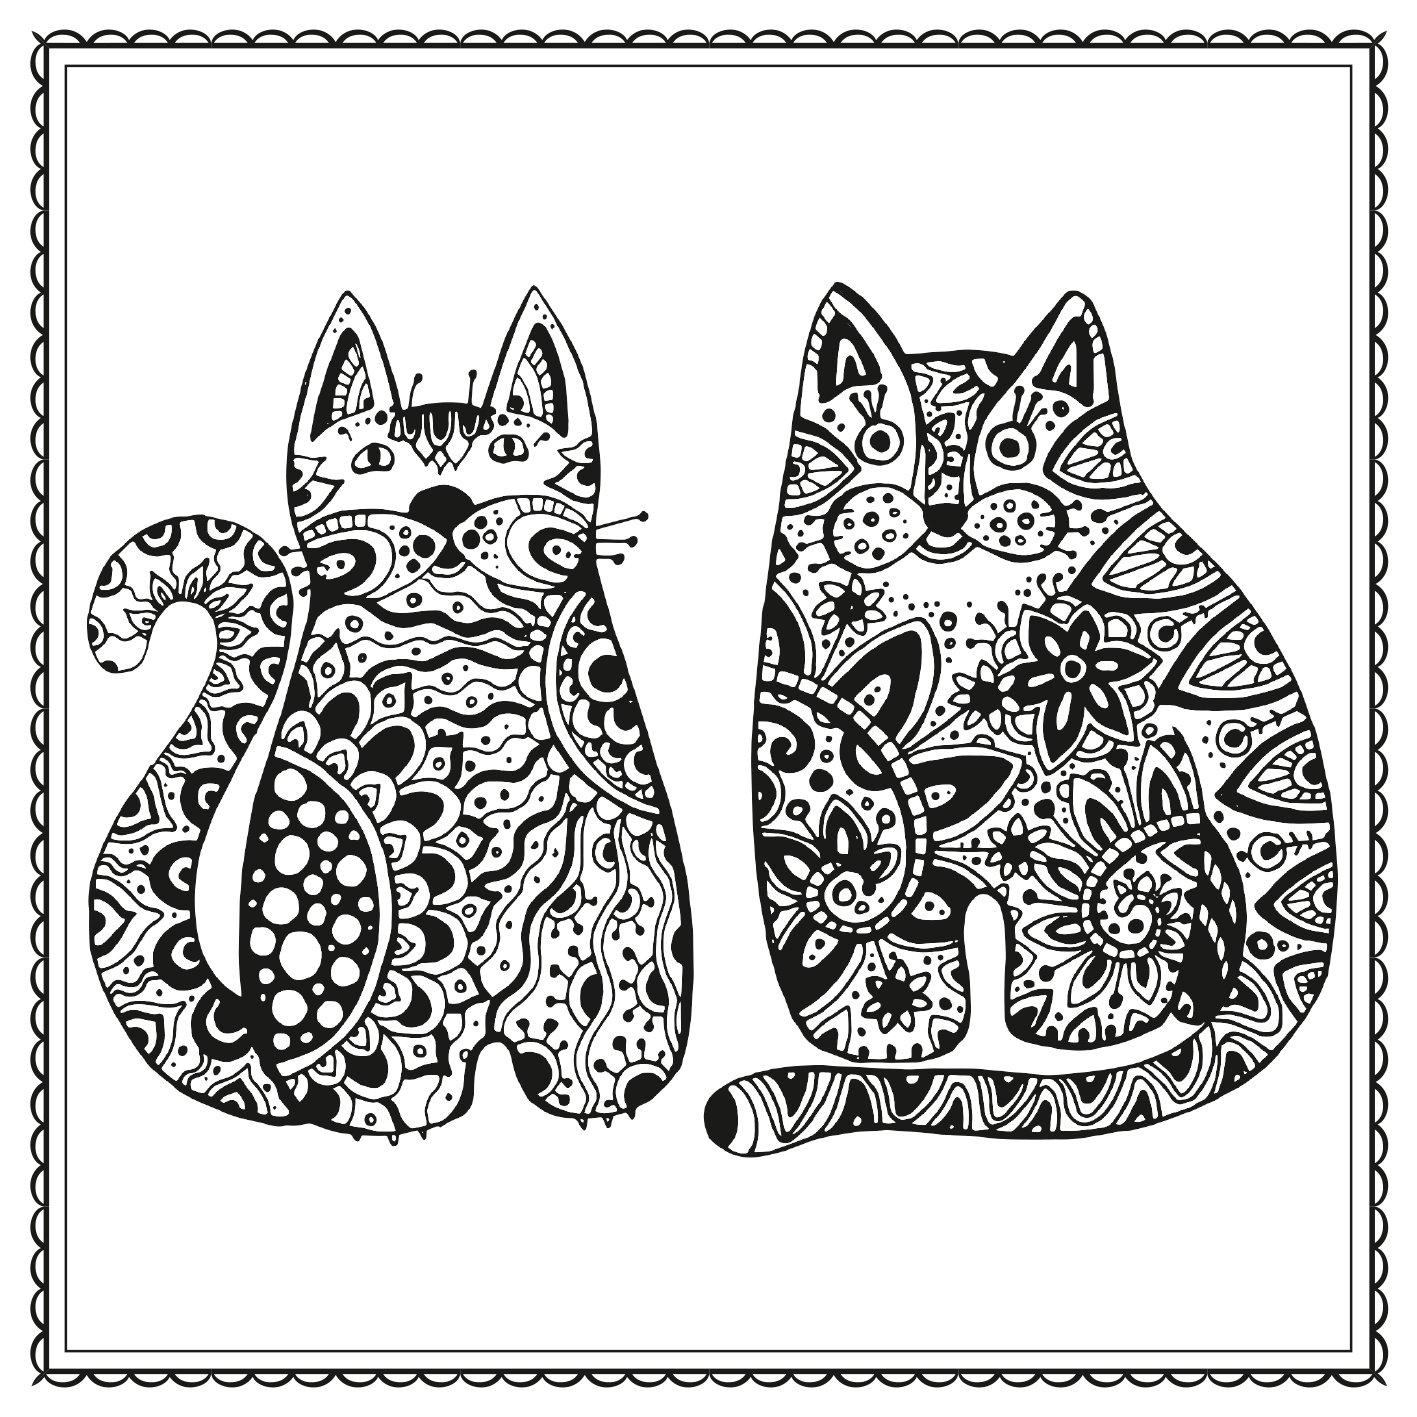 Katzenglück: Zauberhafte Katzenbilder zum Ausmalen Malprodukte für ...